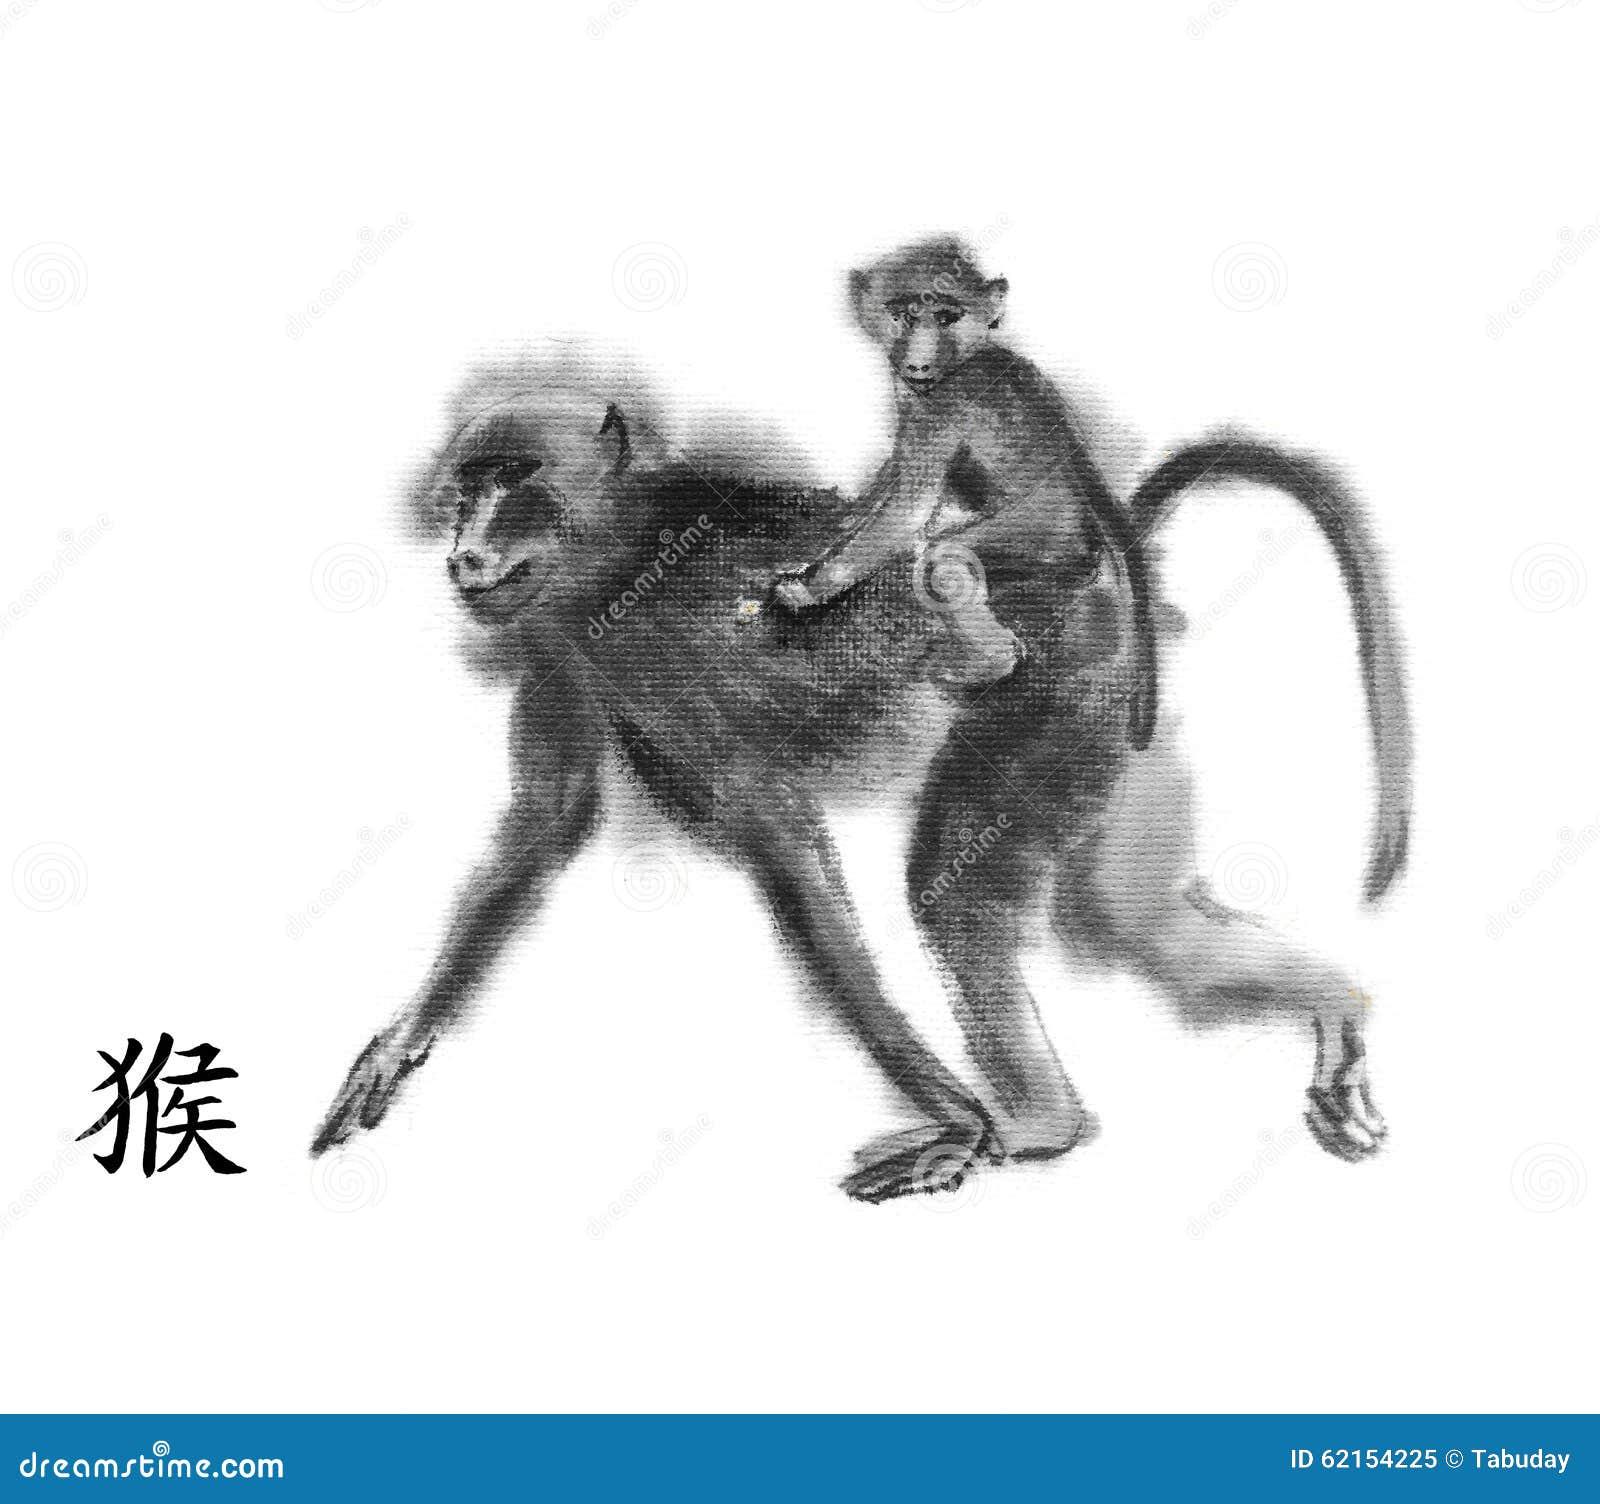 Monkey ink painting sumi e stock illustration image 62154225 monkey ink painting sumi e buycottarizona